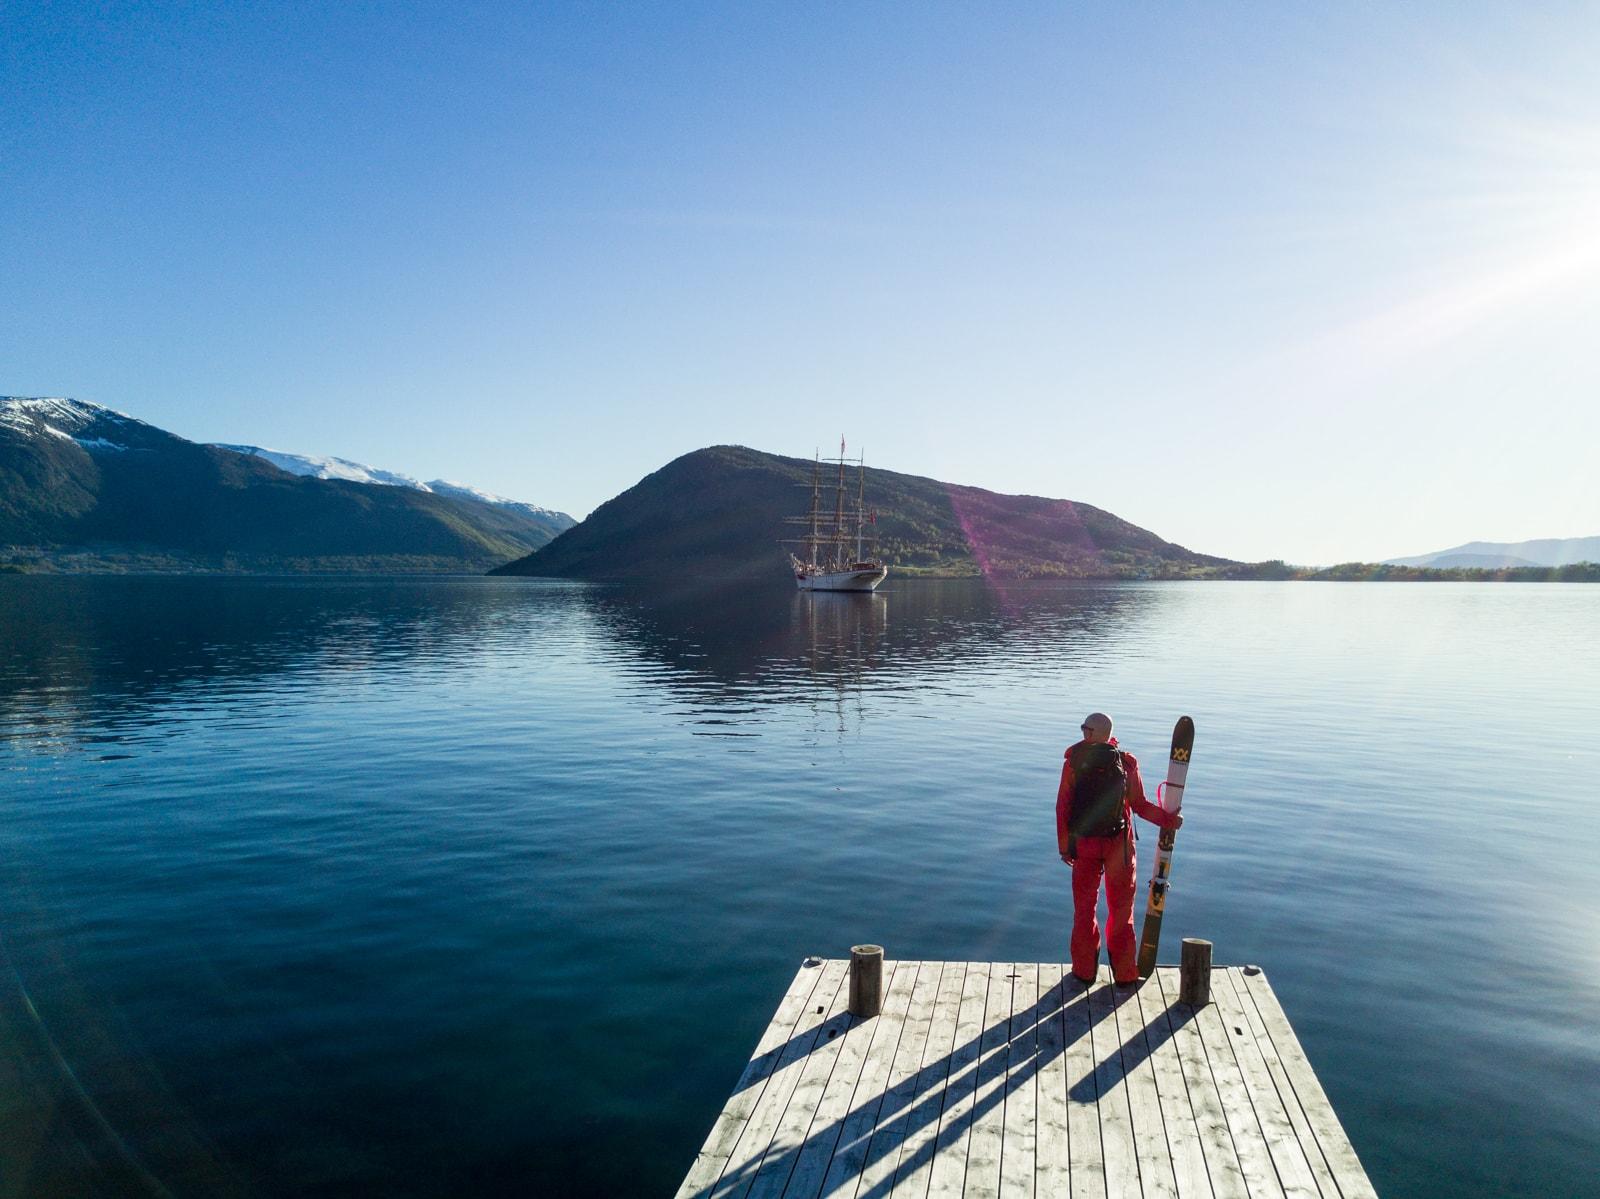 Ski_Sail_Bard_Smestad